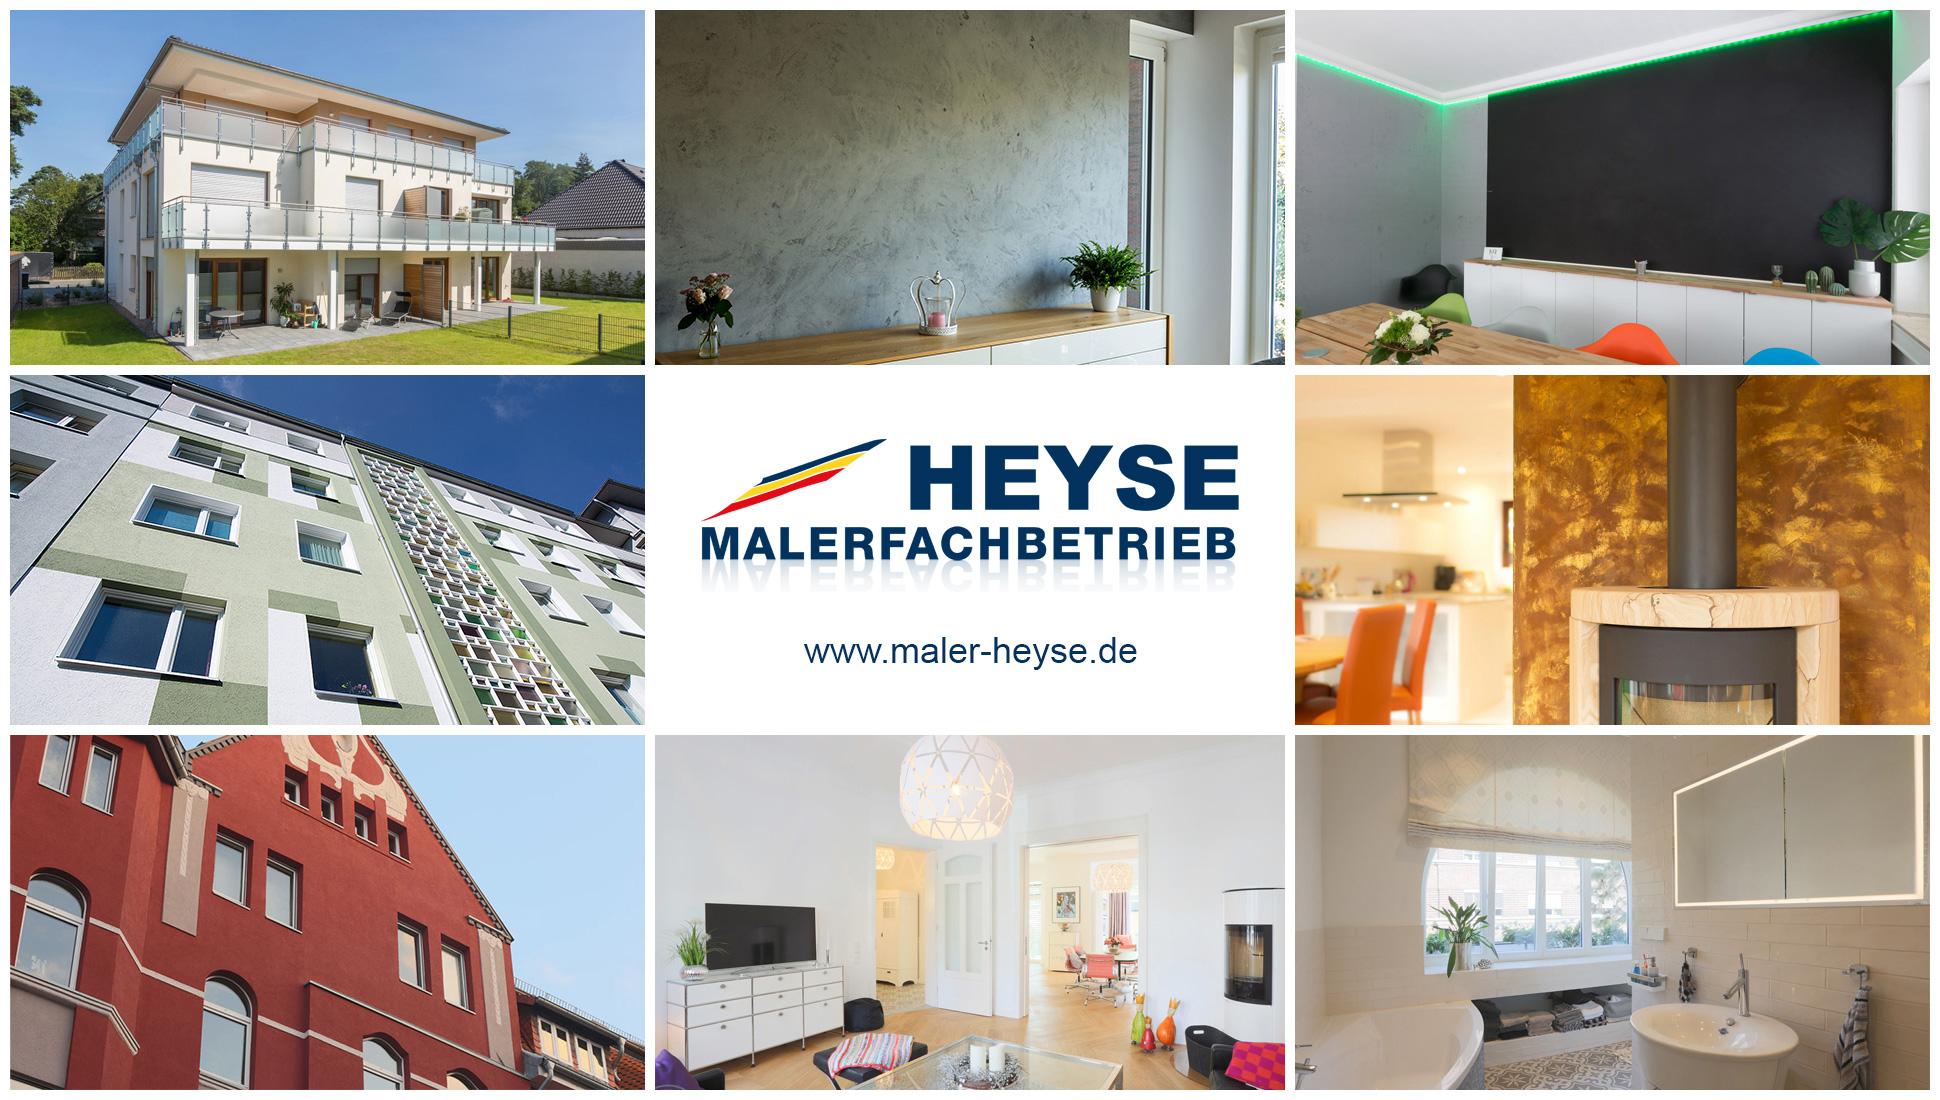 Malerfachbetrieb Heyse Ihr Malerbetrieb in Hannover